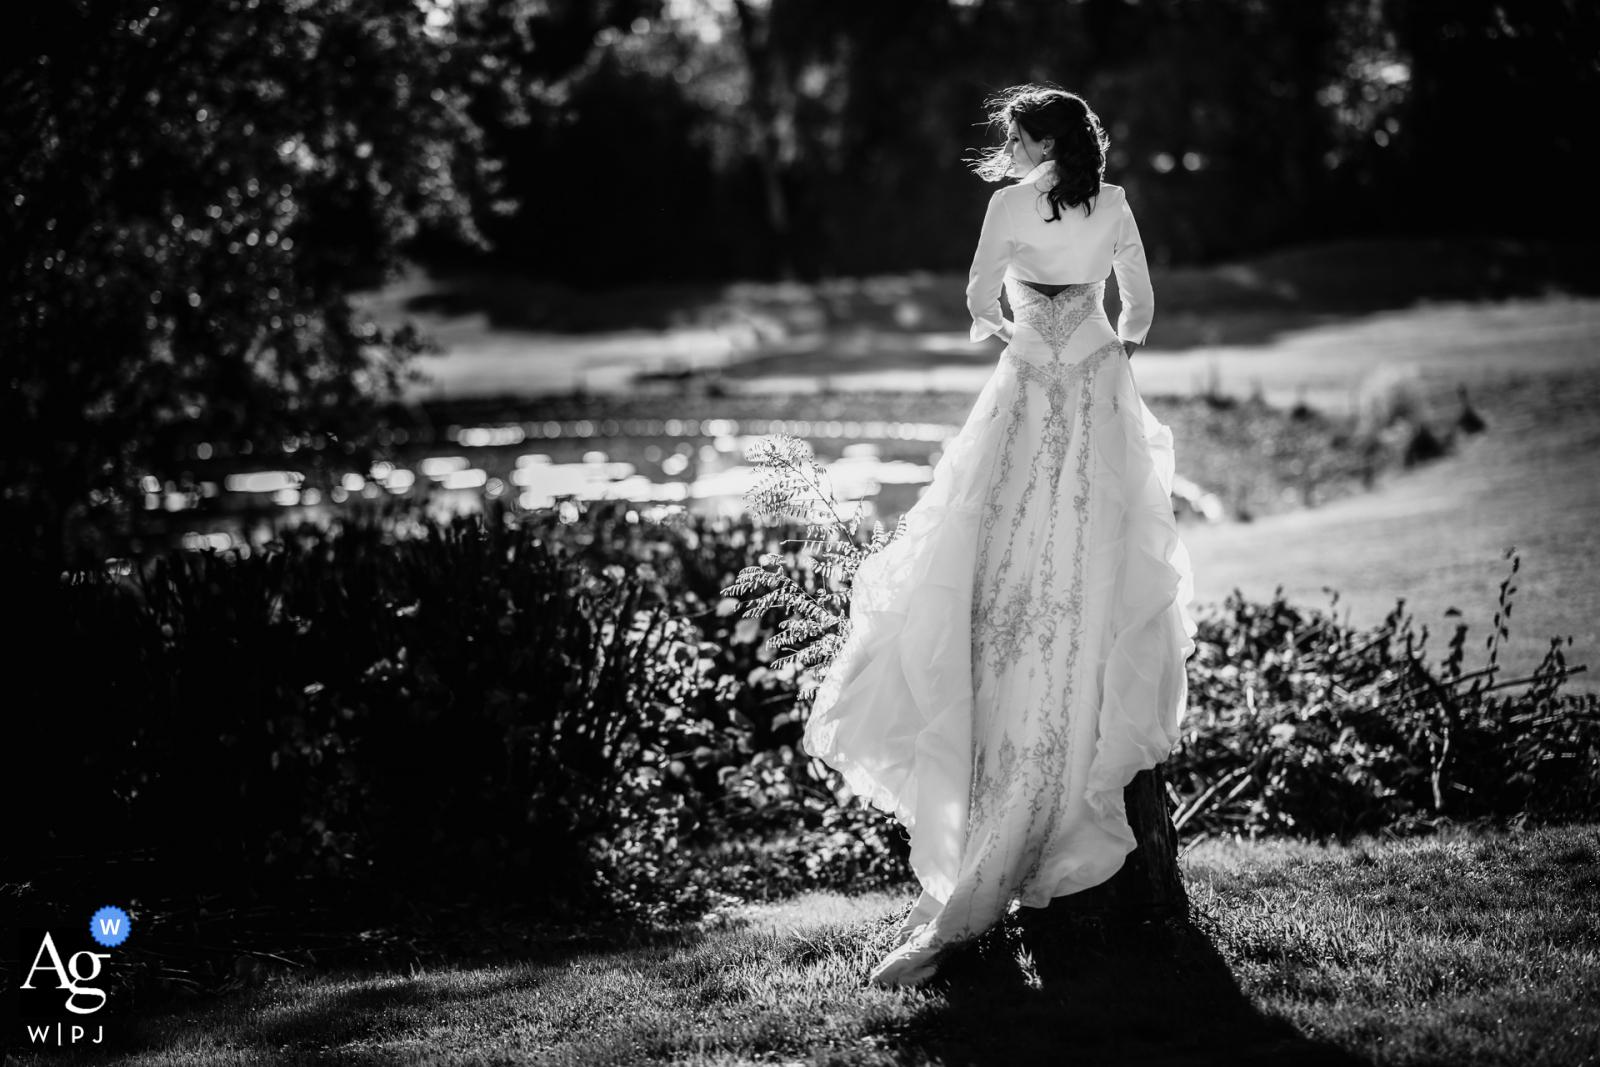 Bridal portrait in b&w from Dippelshof